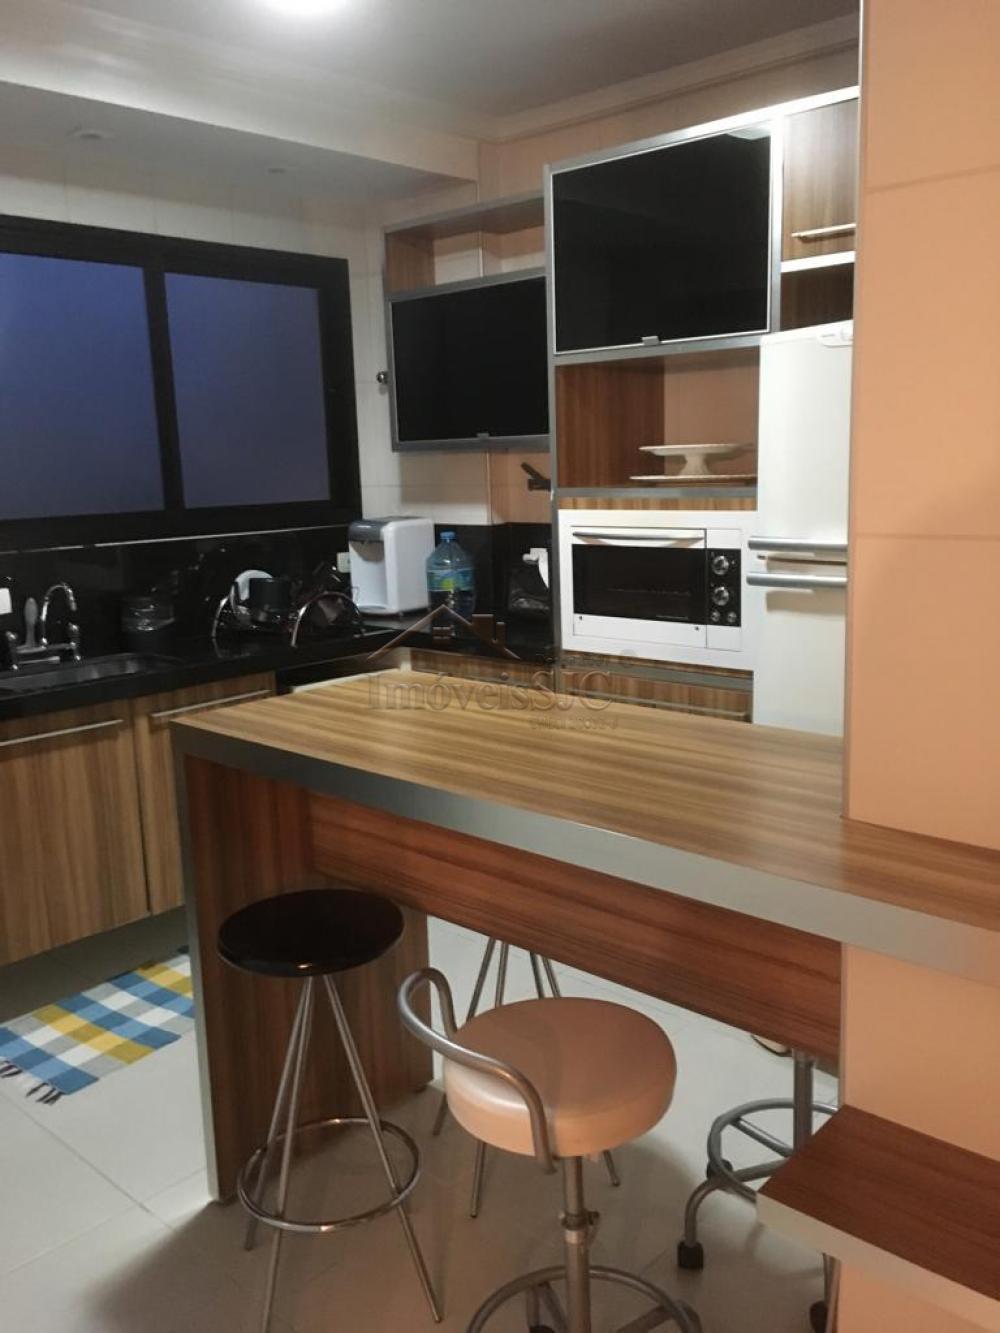 Comprar Apartamentos / Padrão em São José dos Campos apenas R$ 750.000,00 - Foto 23